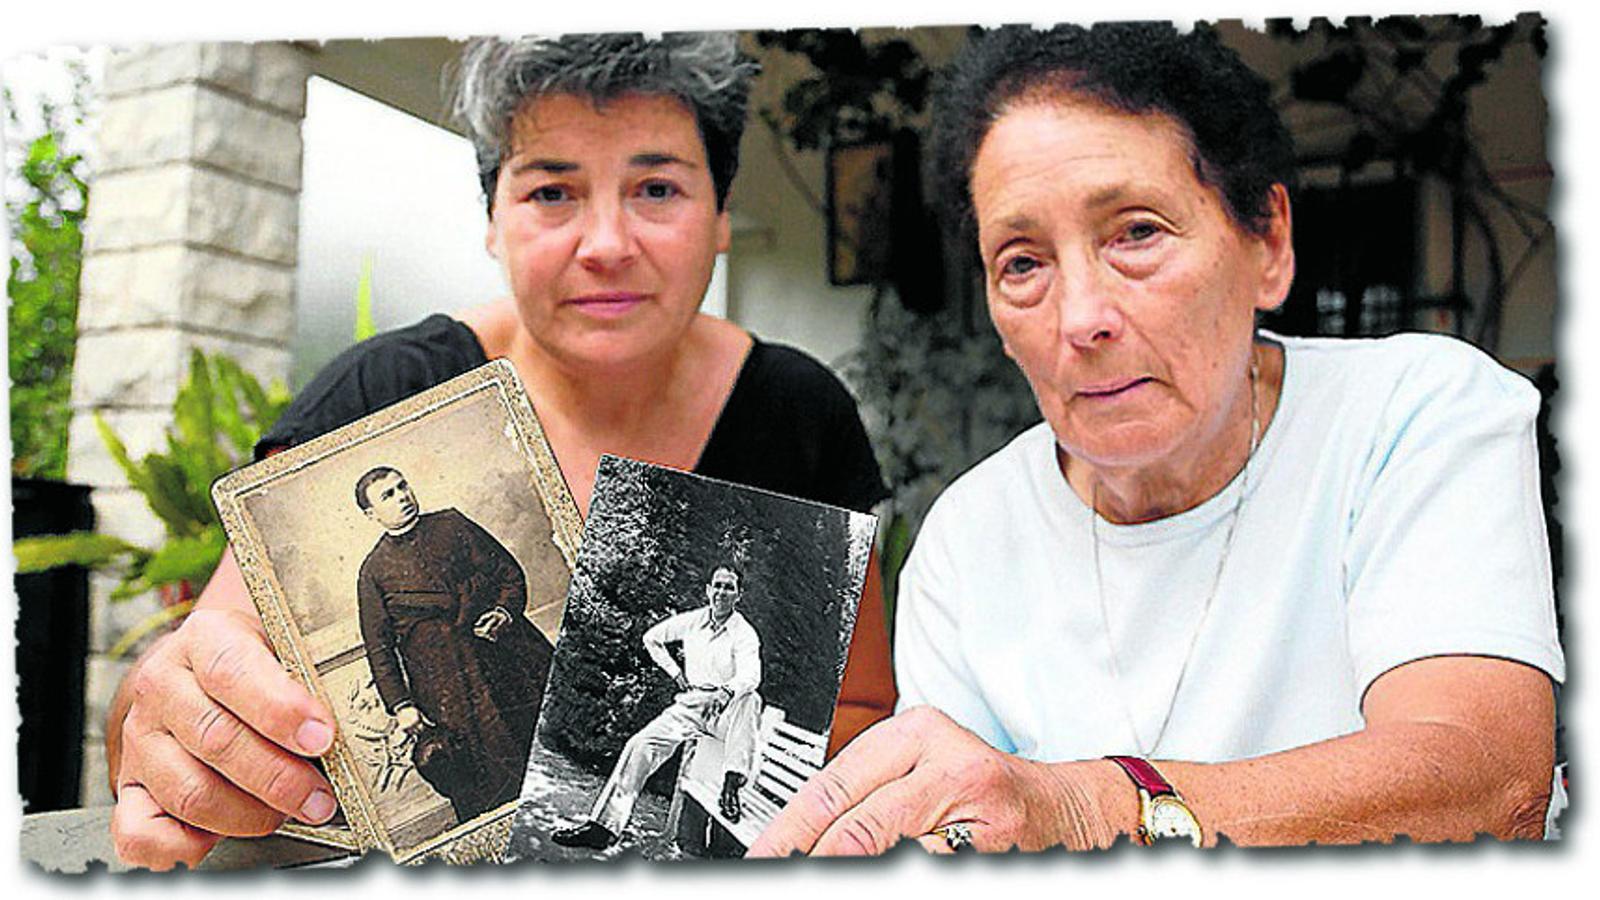 http://www.ara.cat/2011/07/17/cronica/Represaliats-Franquisme-LlorencLa-Llagostera-Catalunya_518958101_13875027_1000x553.jpg